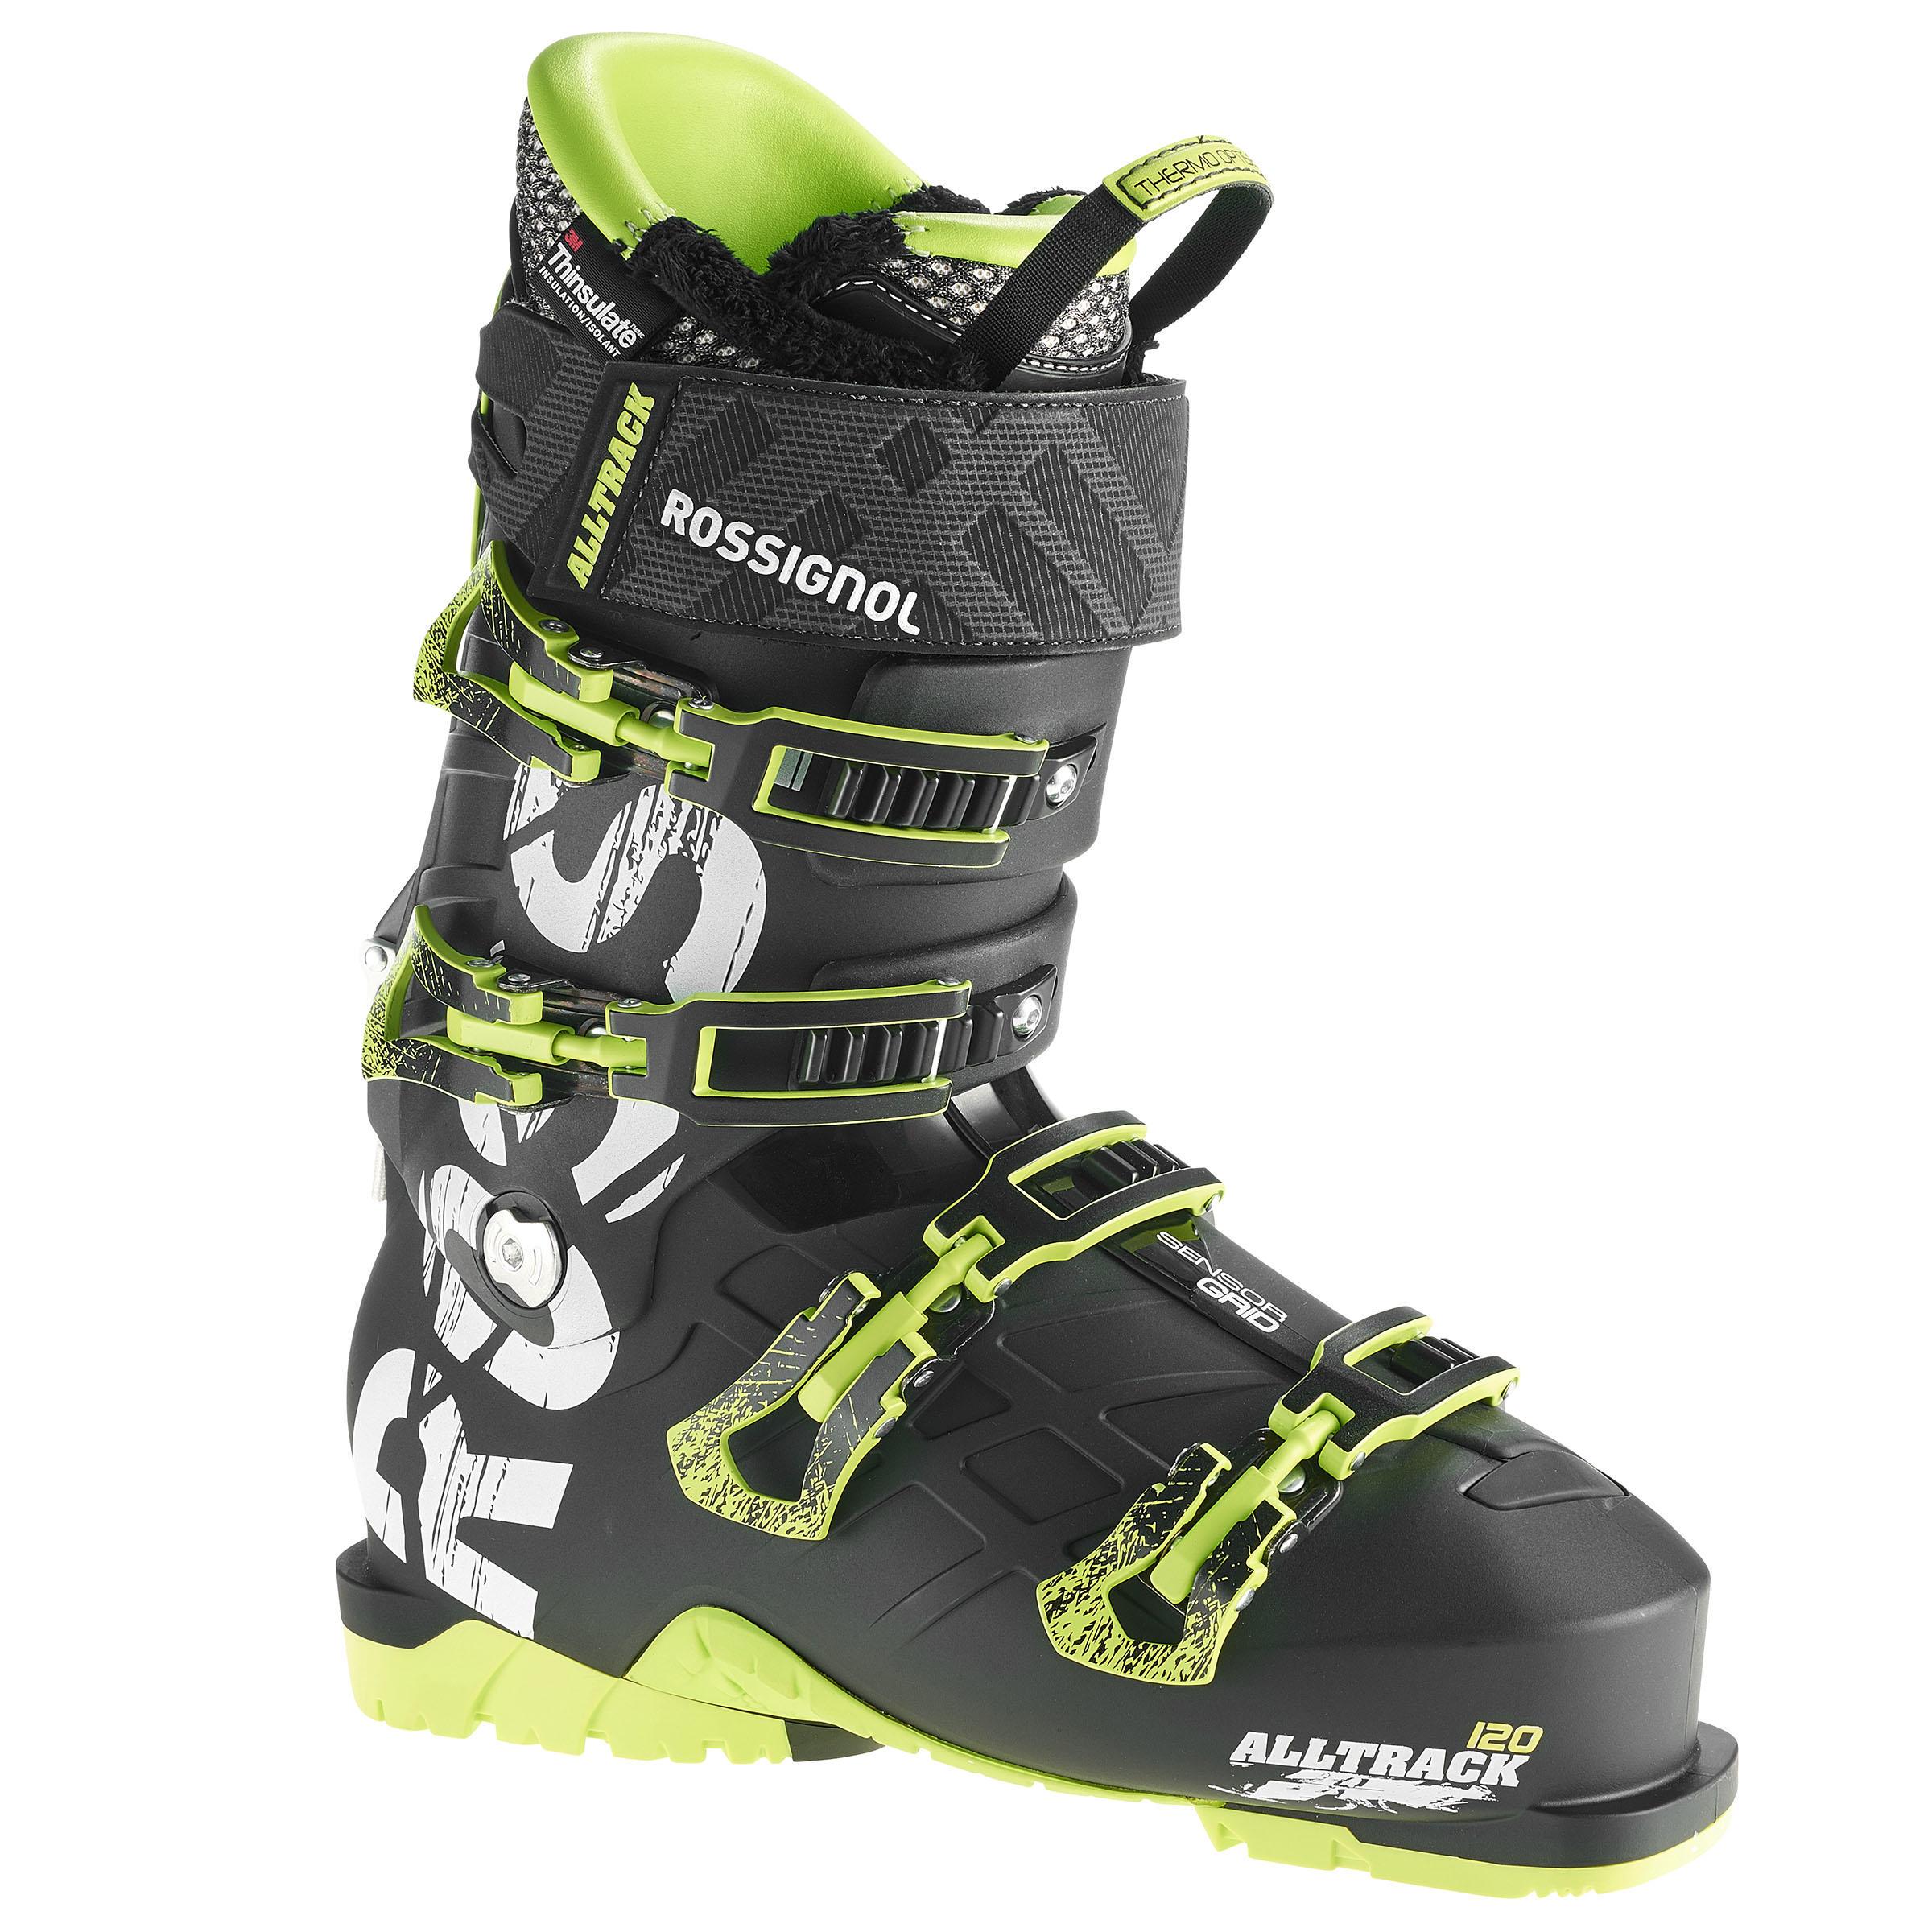 Rossignol Skischoenen voor heren Alltrack 120 groen thumbnail